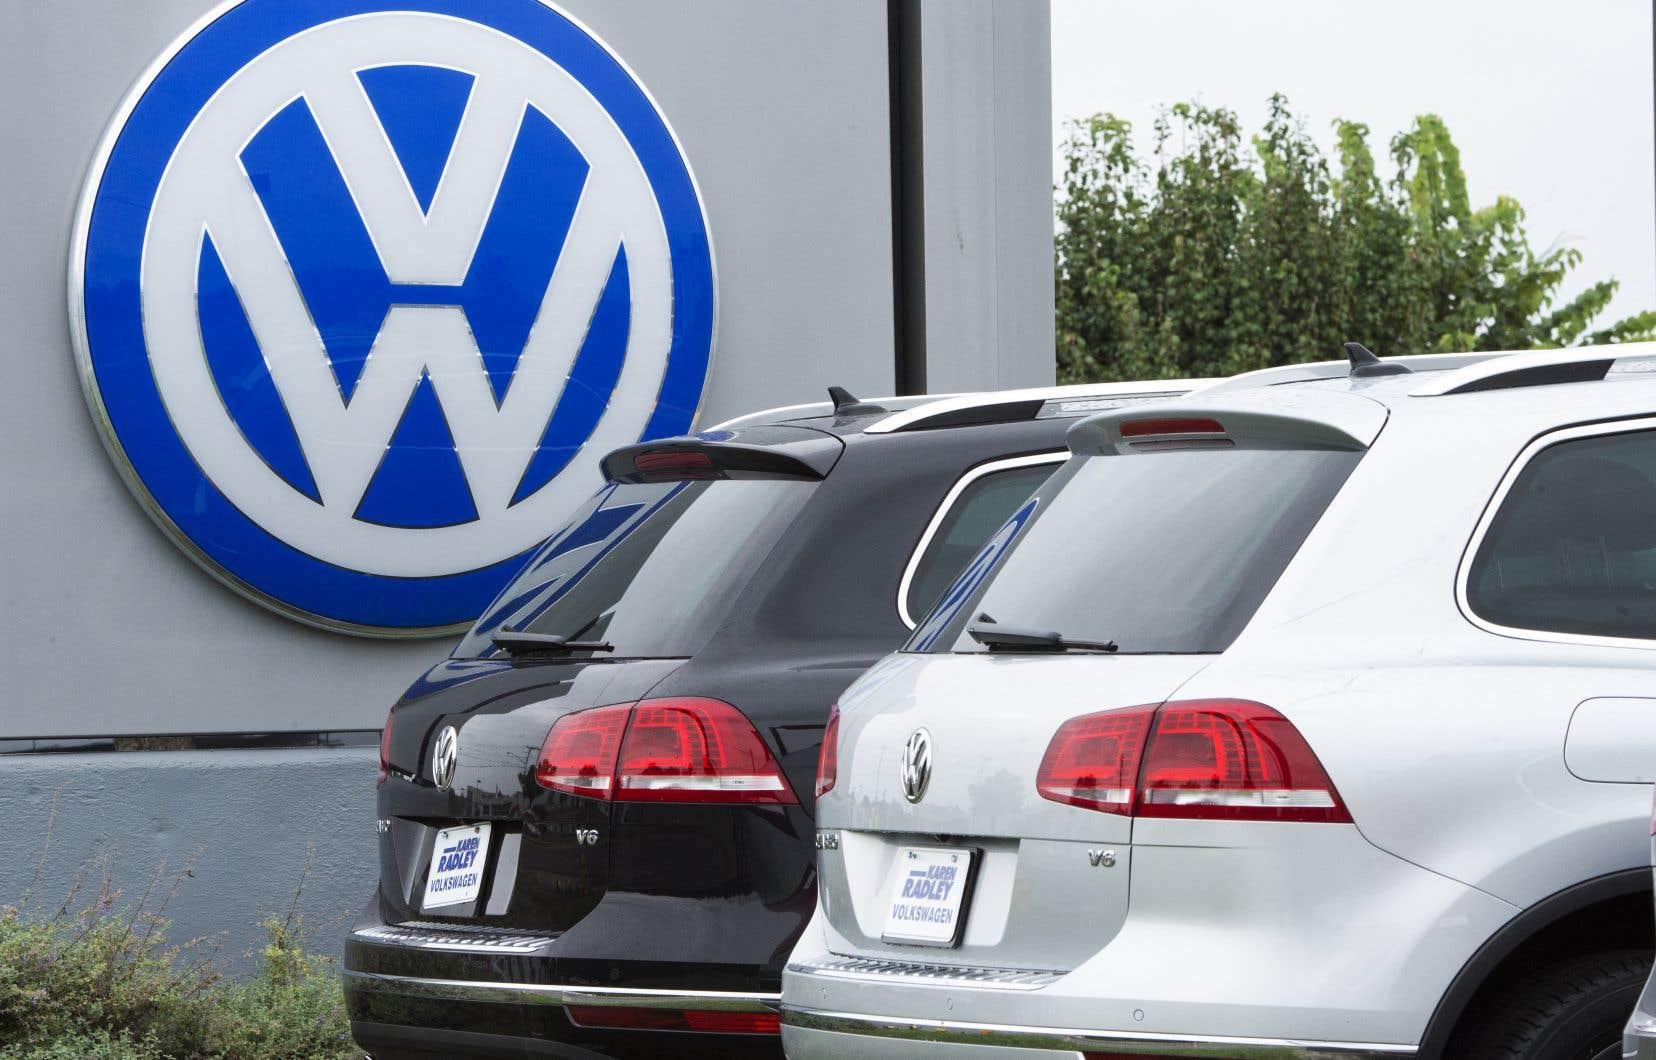 Les informations concernées ont été récupérées entre 2014 et 2019 et étaient entreposées sur un fichier électronique non protégéd'un fournisseur utilisé par Audi, dont Volkswagen n'a pas donné le nom.